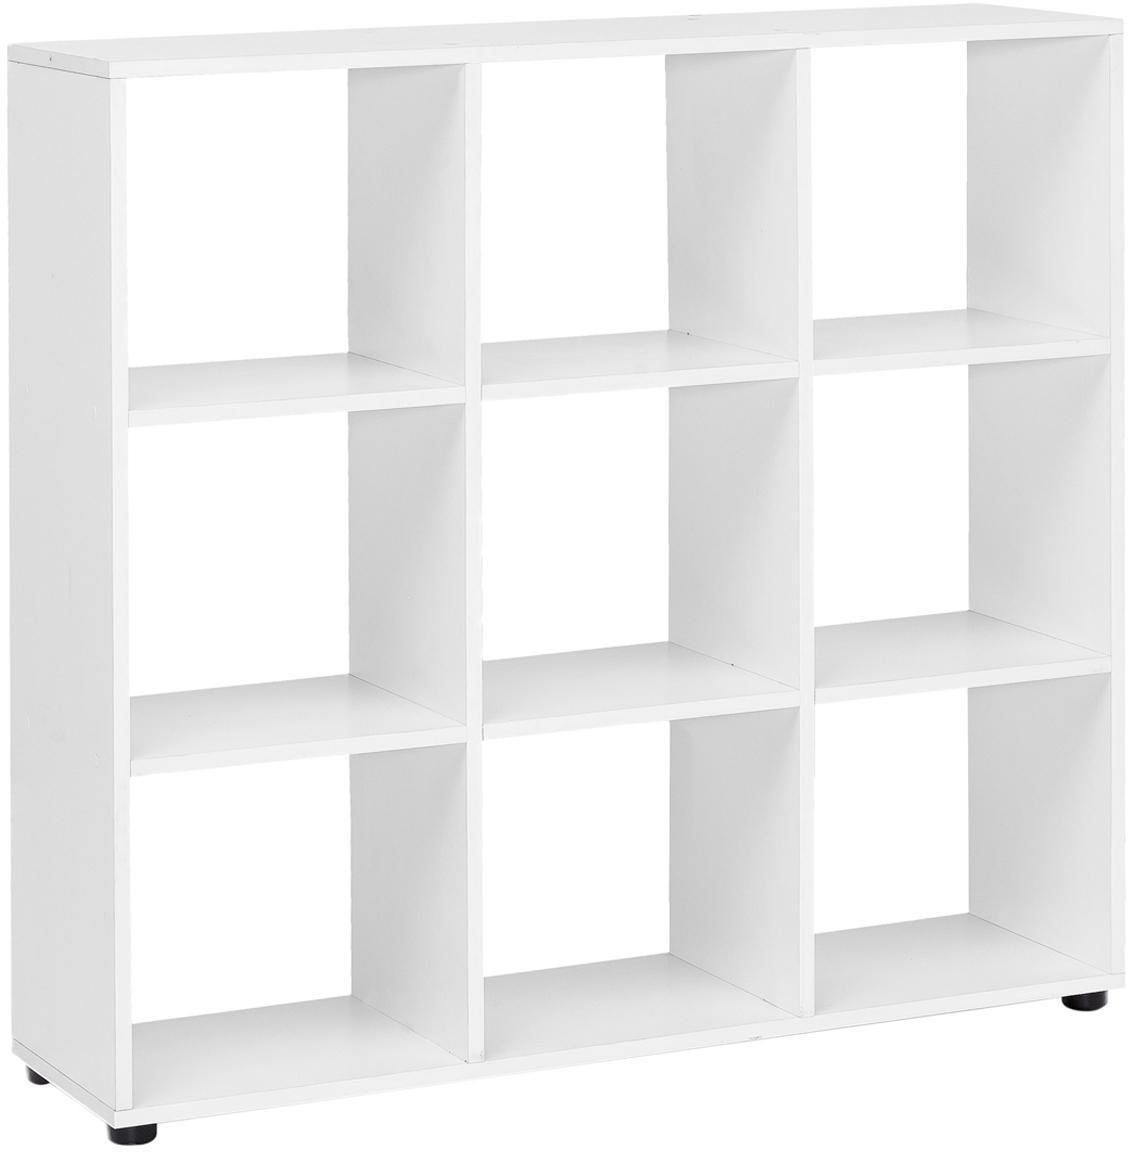 Libreria moderna in bianco opaco Zara, Truciolato, melaminico, Bianco, nero, Larg. 108 x Alt. 104 cm